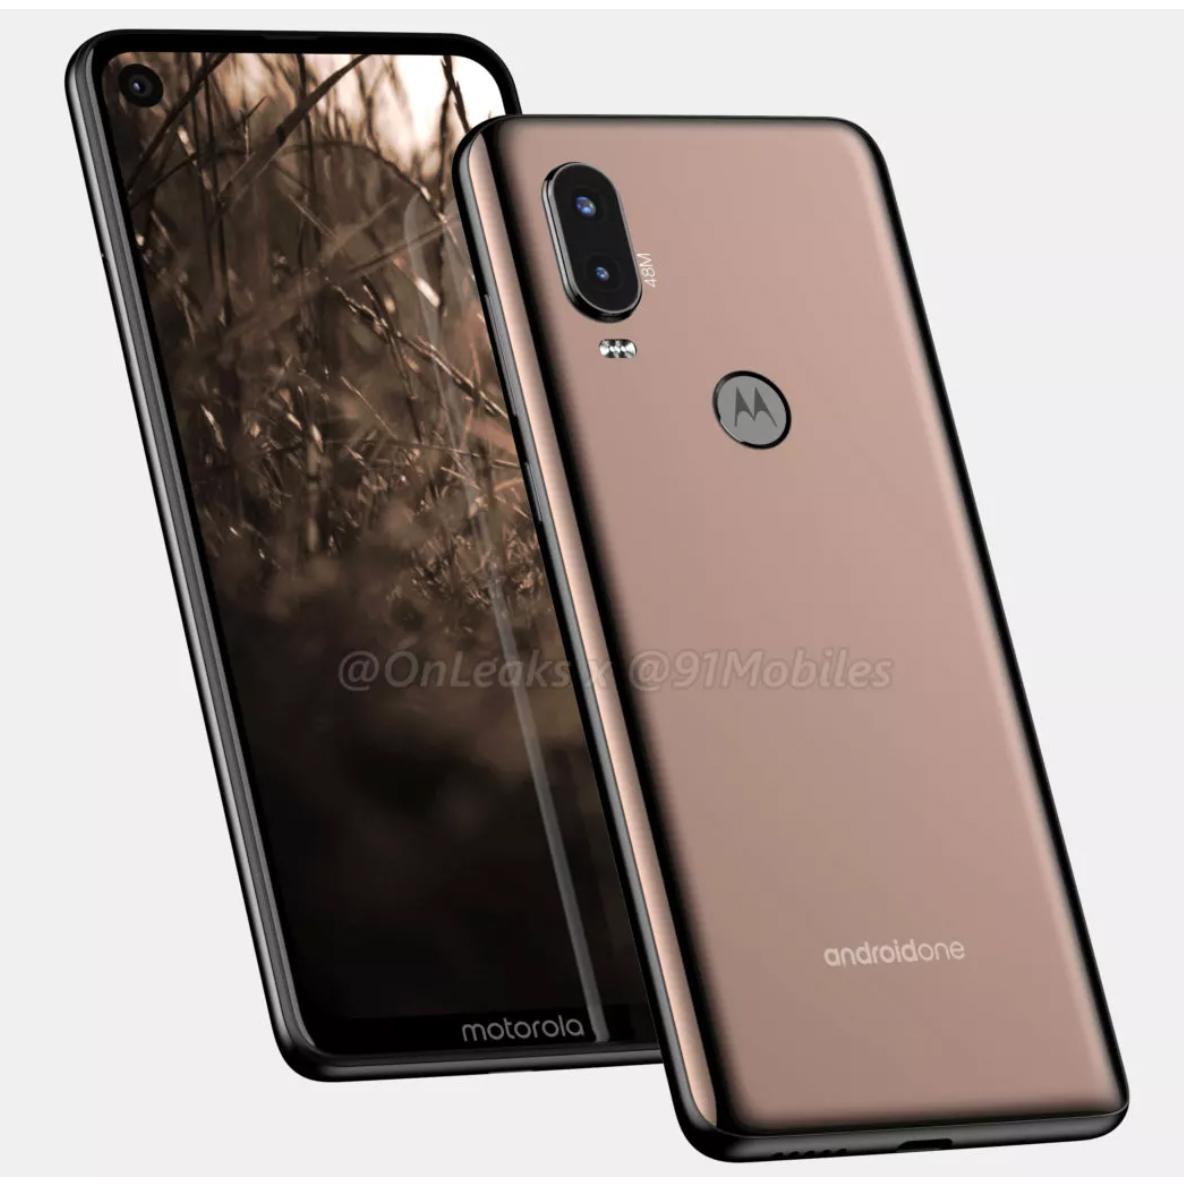 Motorola P40 akan tiba dengan prosesor Qualcomm Snapdragon 675 sesuai dengan data yang difilter baru 2